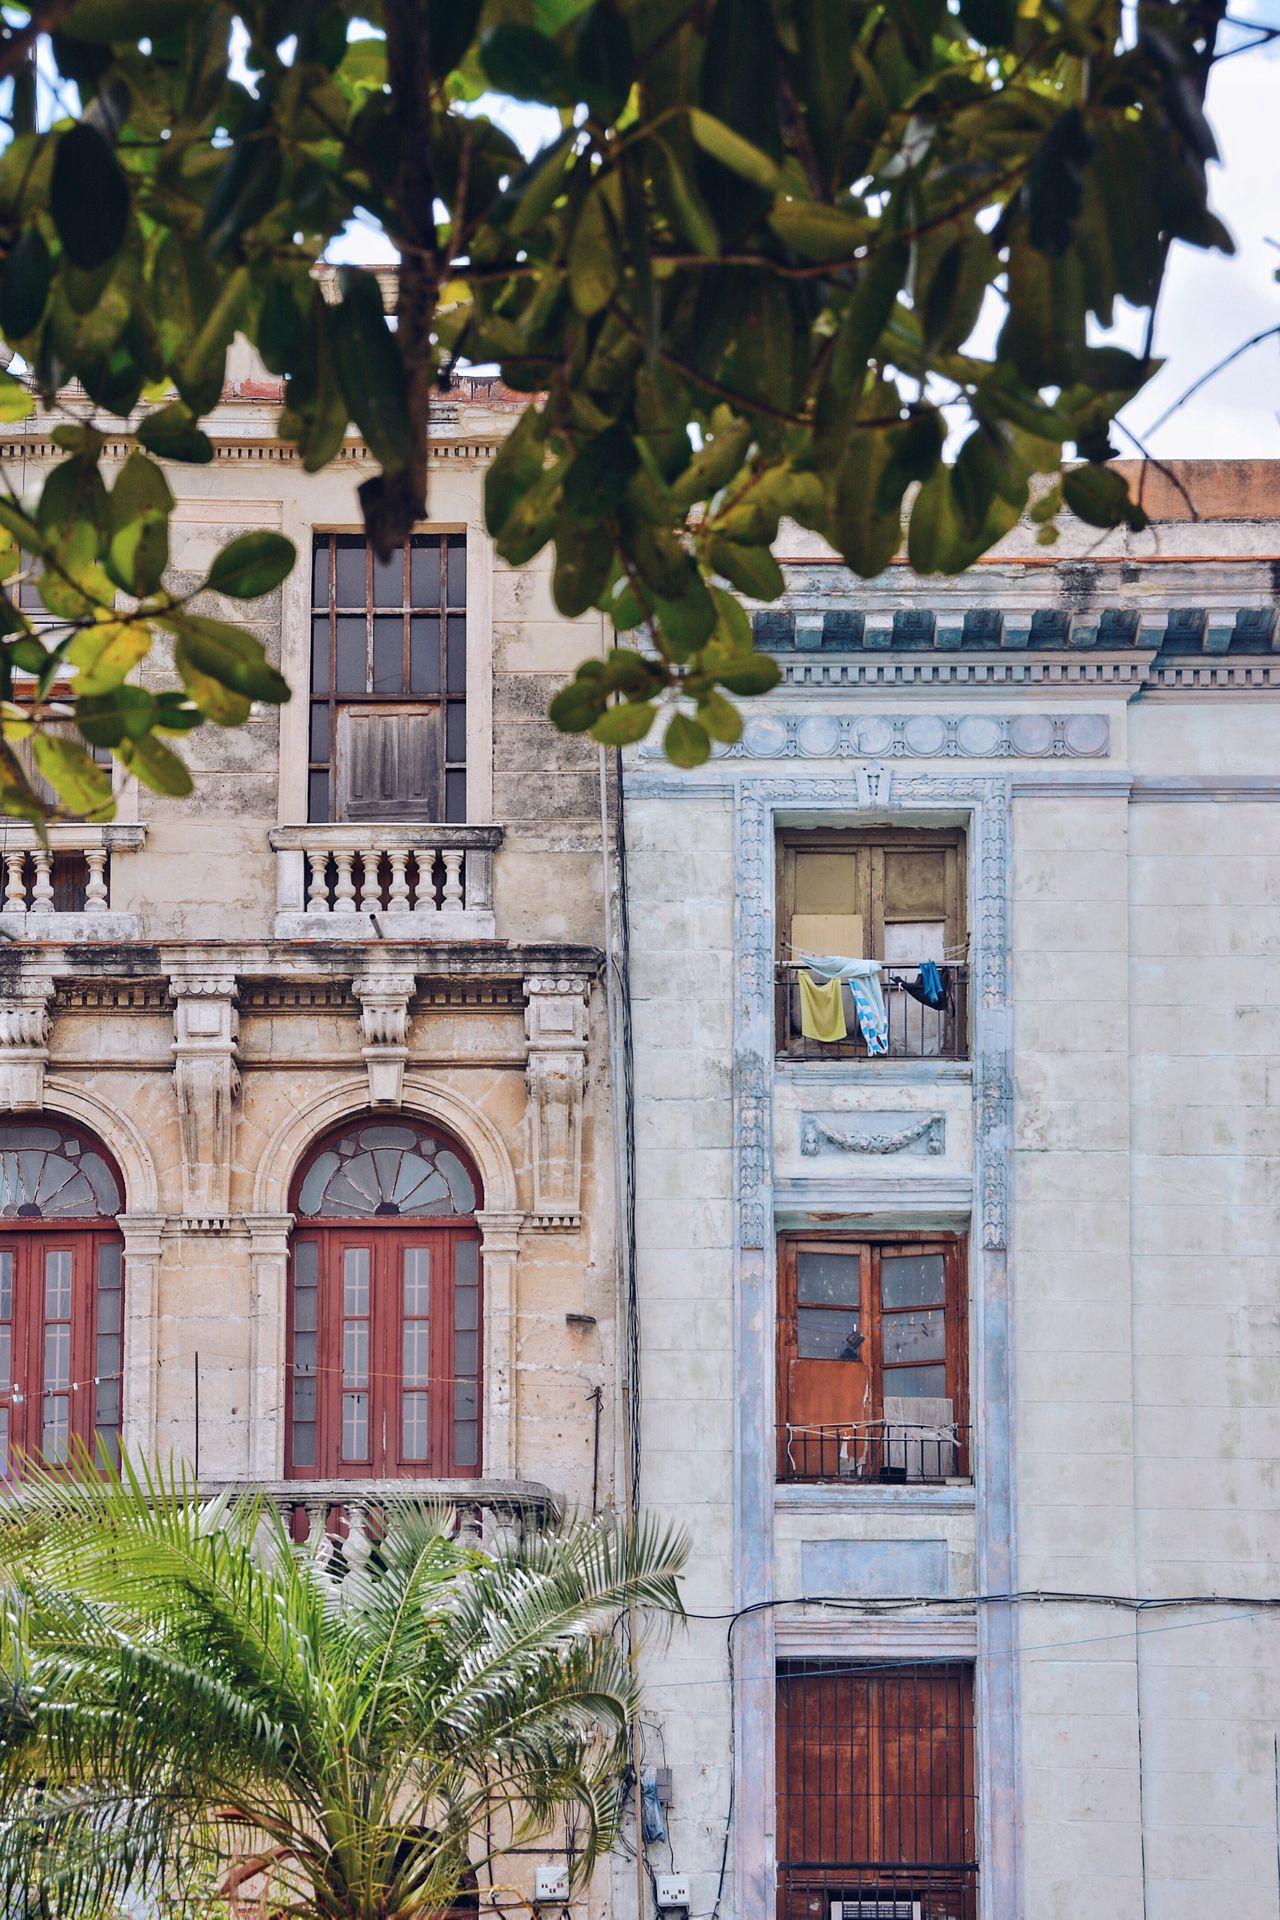 Next Door. Building Exterior Architecture Window Built Structure Façade Cuba City Havana Urbanity Neighborhood Urban Doorway House Doortraits